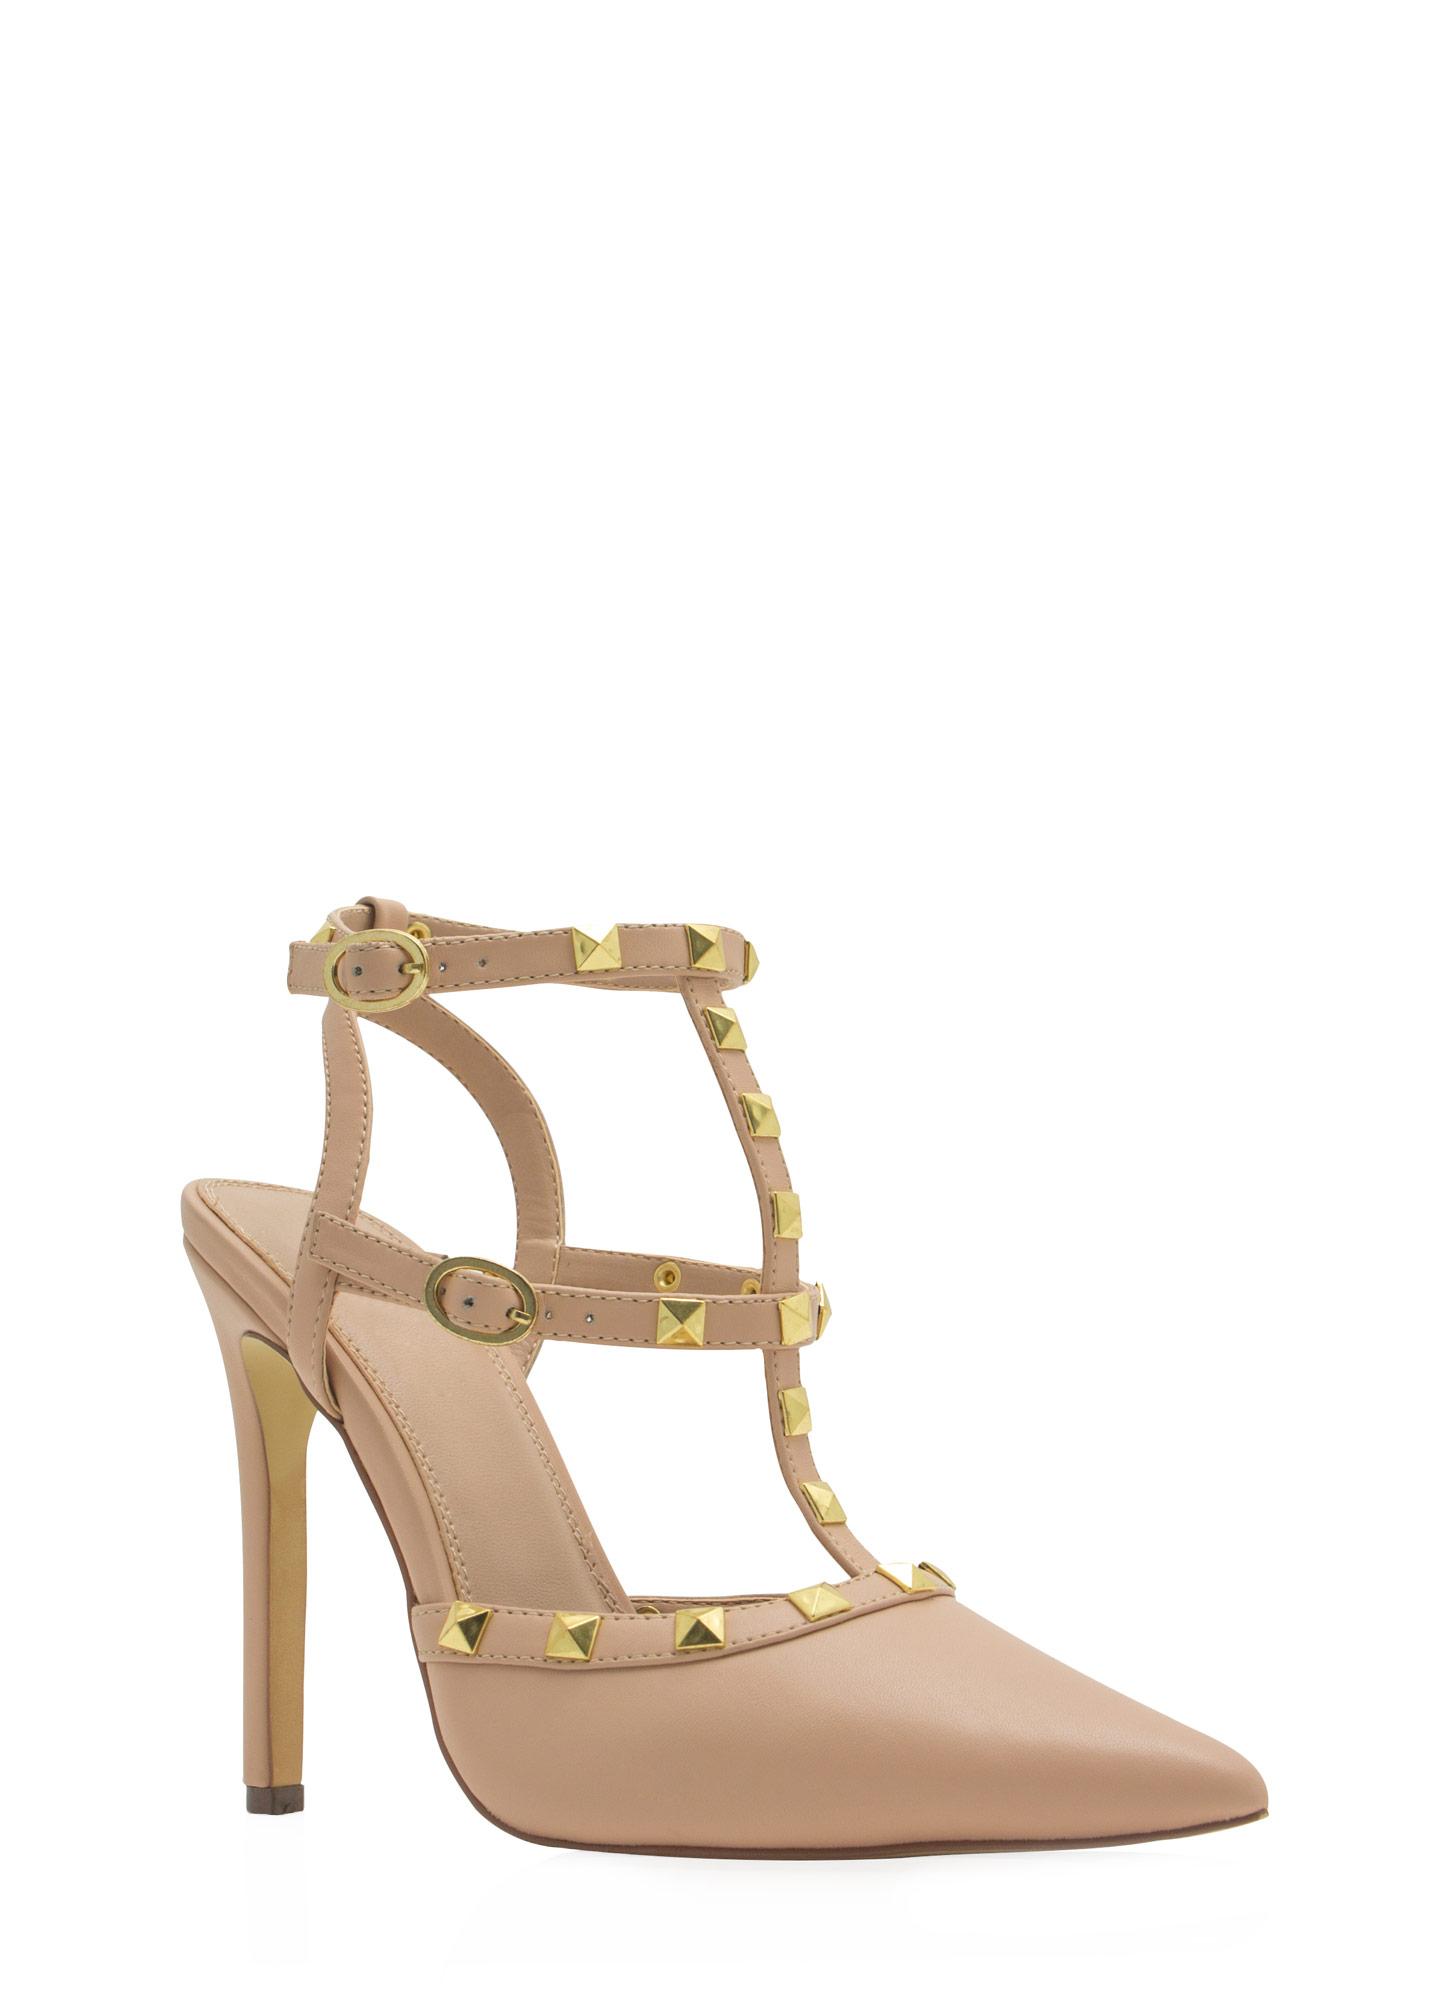 Strap heels gojane.com